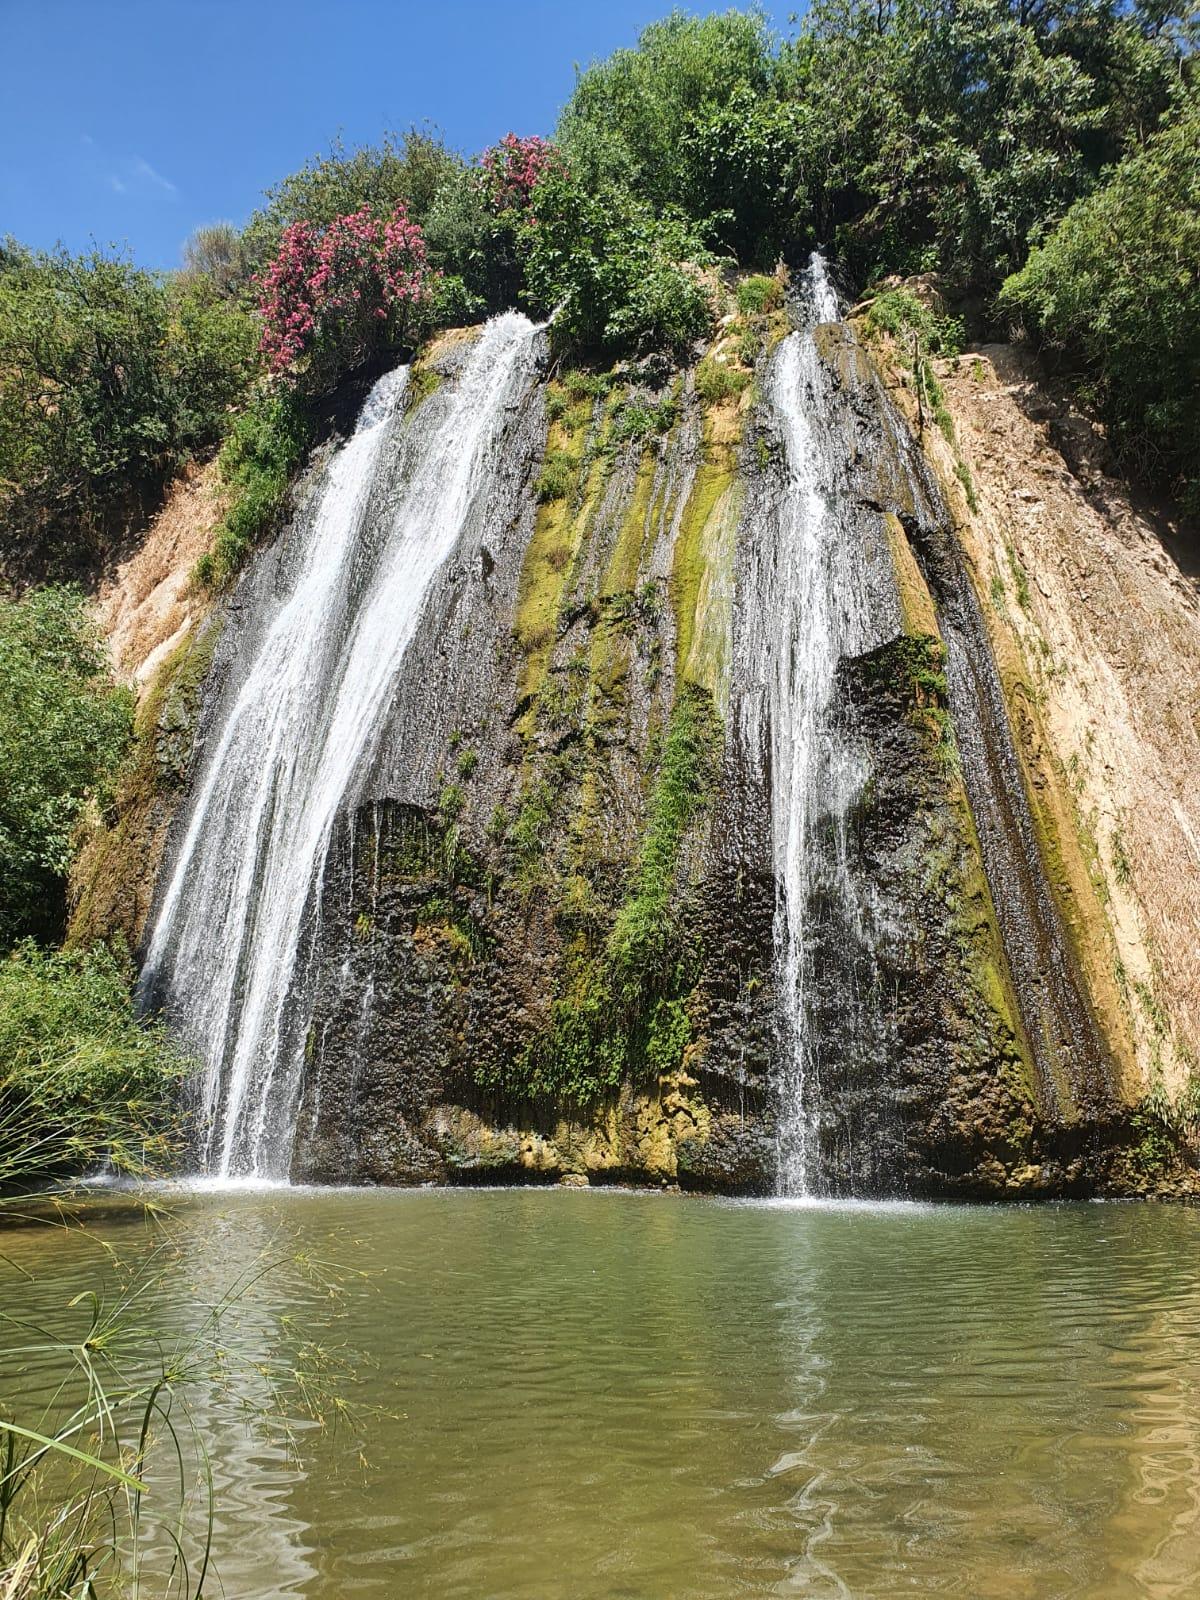 """נחנך מוקד מידע תיירותי לנופשים ומטיילים בגליל ובגולן ביזמת עמותת """"ארץ הגליל"""" ובי""""ס שדה """"קשת יהונתן"""""""